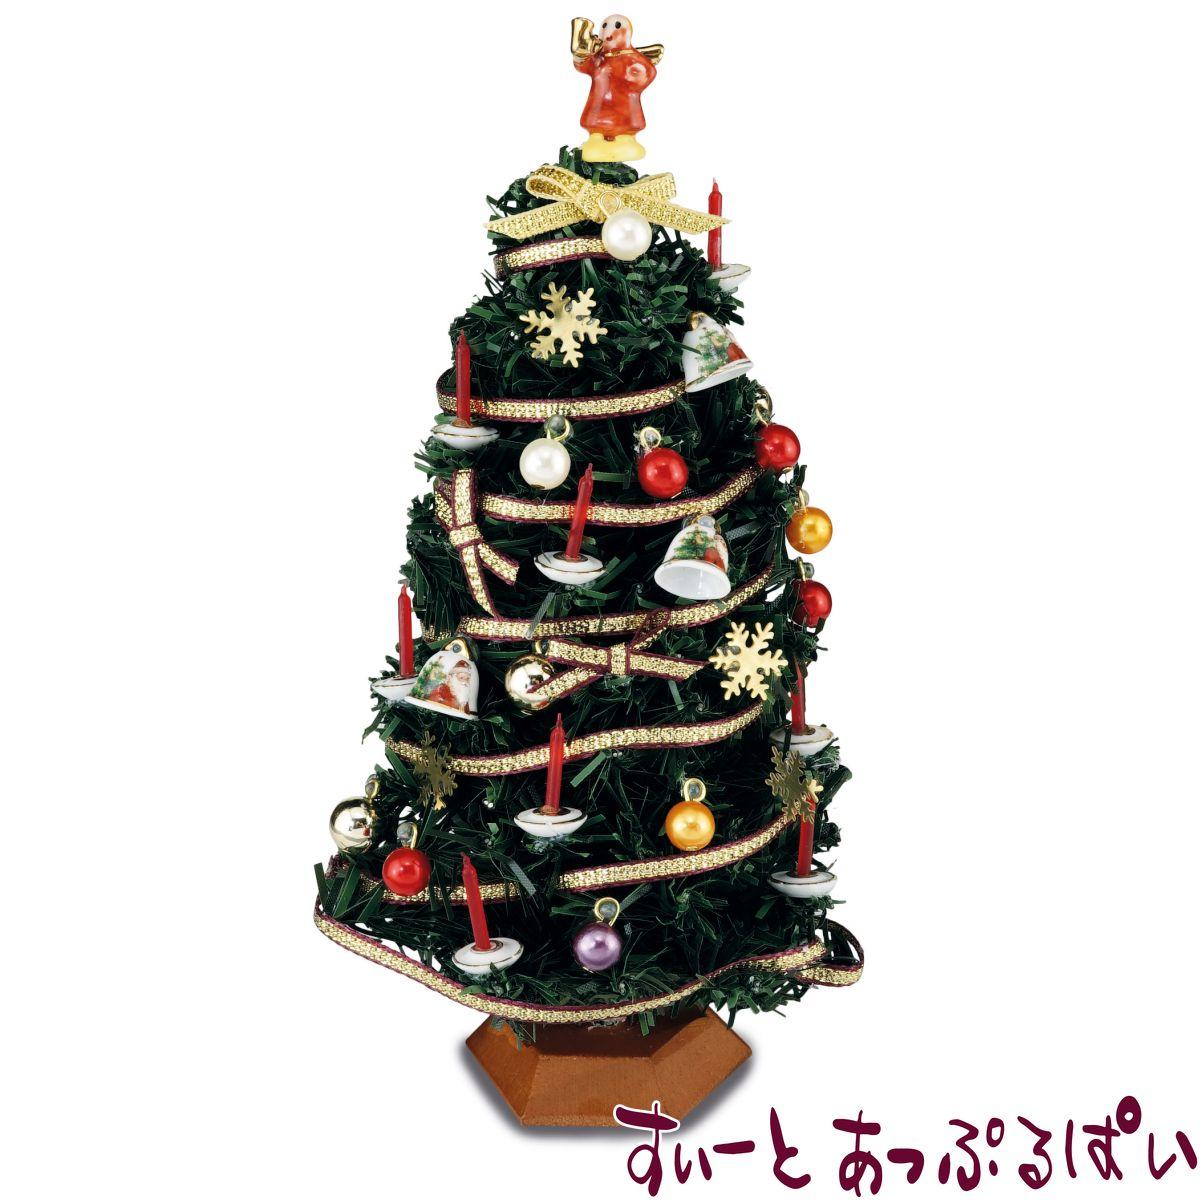 ミニチュア  ロイターポーセリン  クリスマスツリー RP1886-5 ドールハウス用